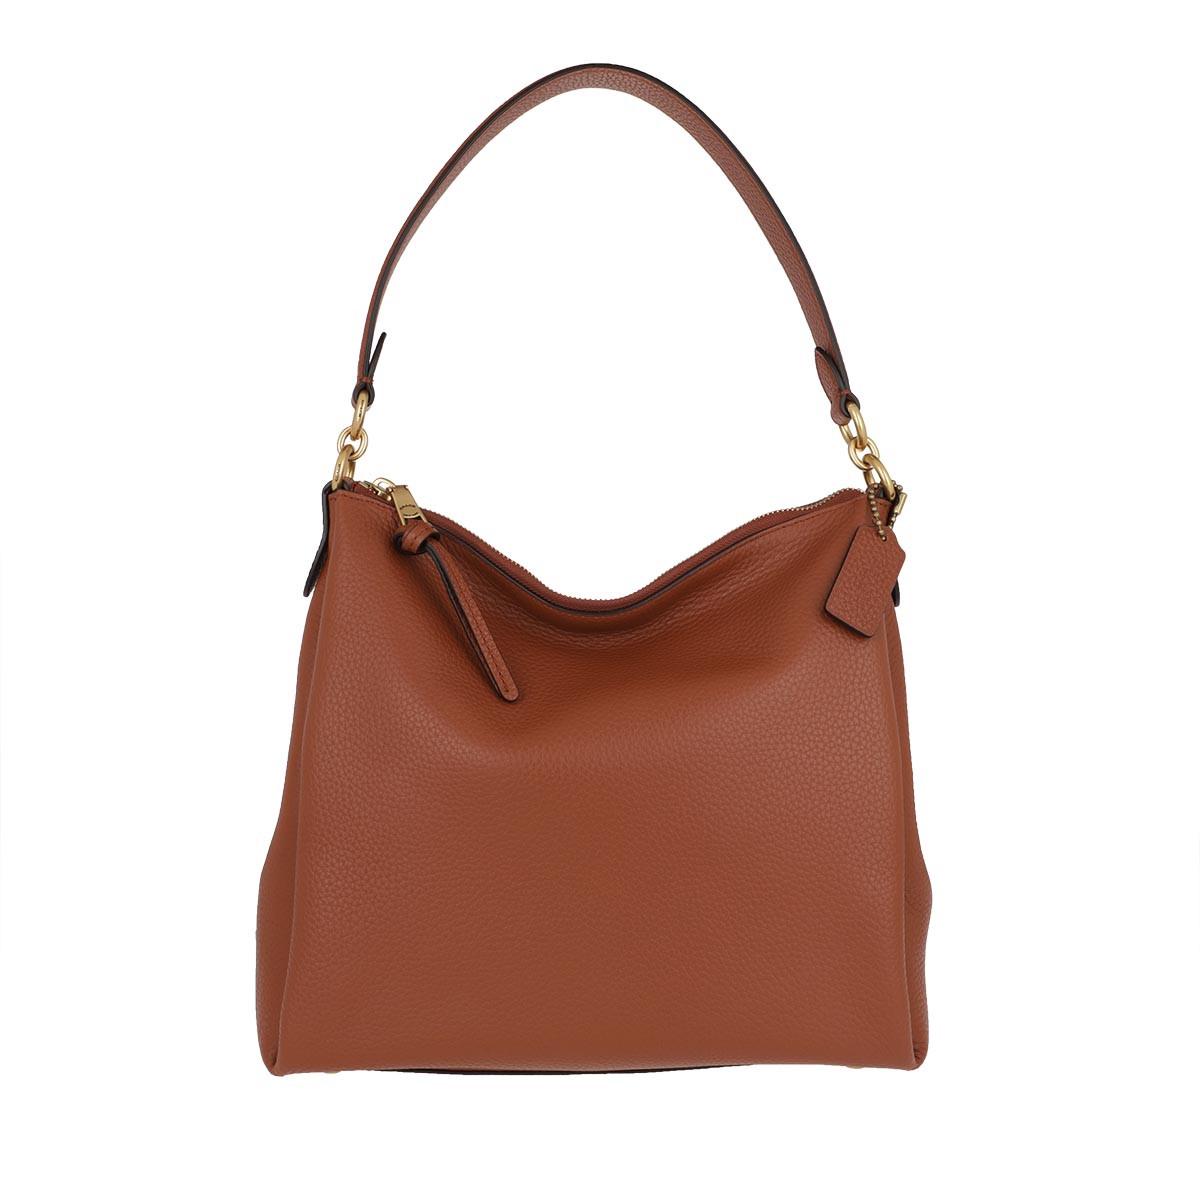 Coach Hobo Bag - Soft Pebble Leather Shay Shoulder Bag 1941 Saddle - in cognac - für Damen